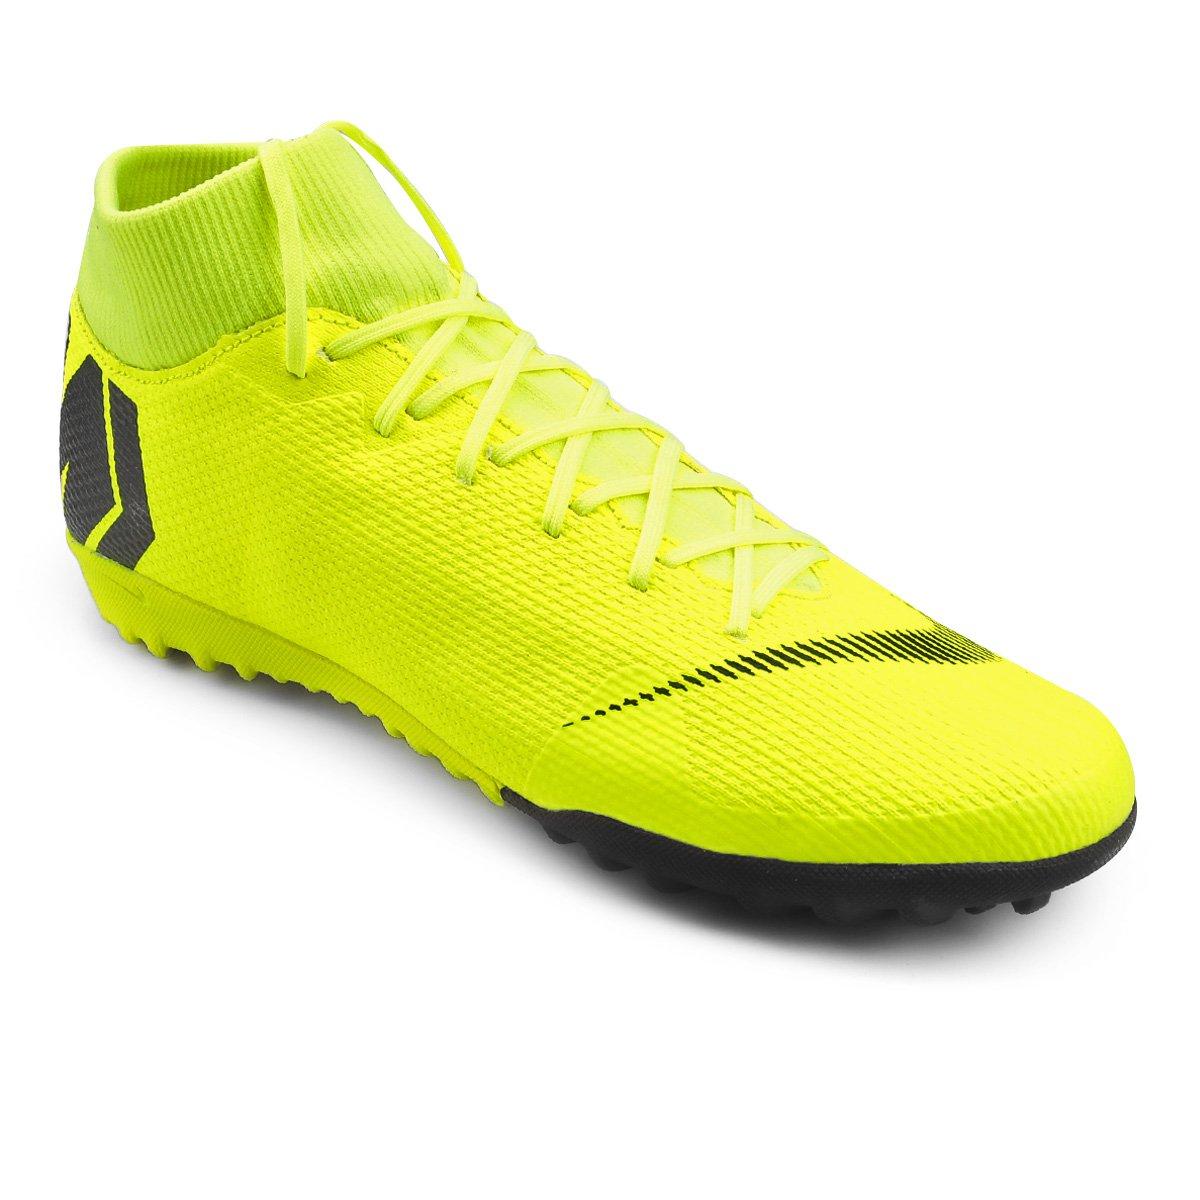 21d662803cd0f Chuteira Society Nike Mercurial Superfly 6 Academy - Amarelo e Preto -  Compre Agora